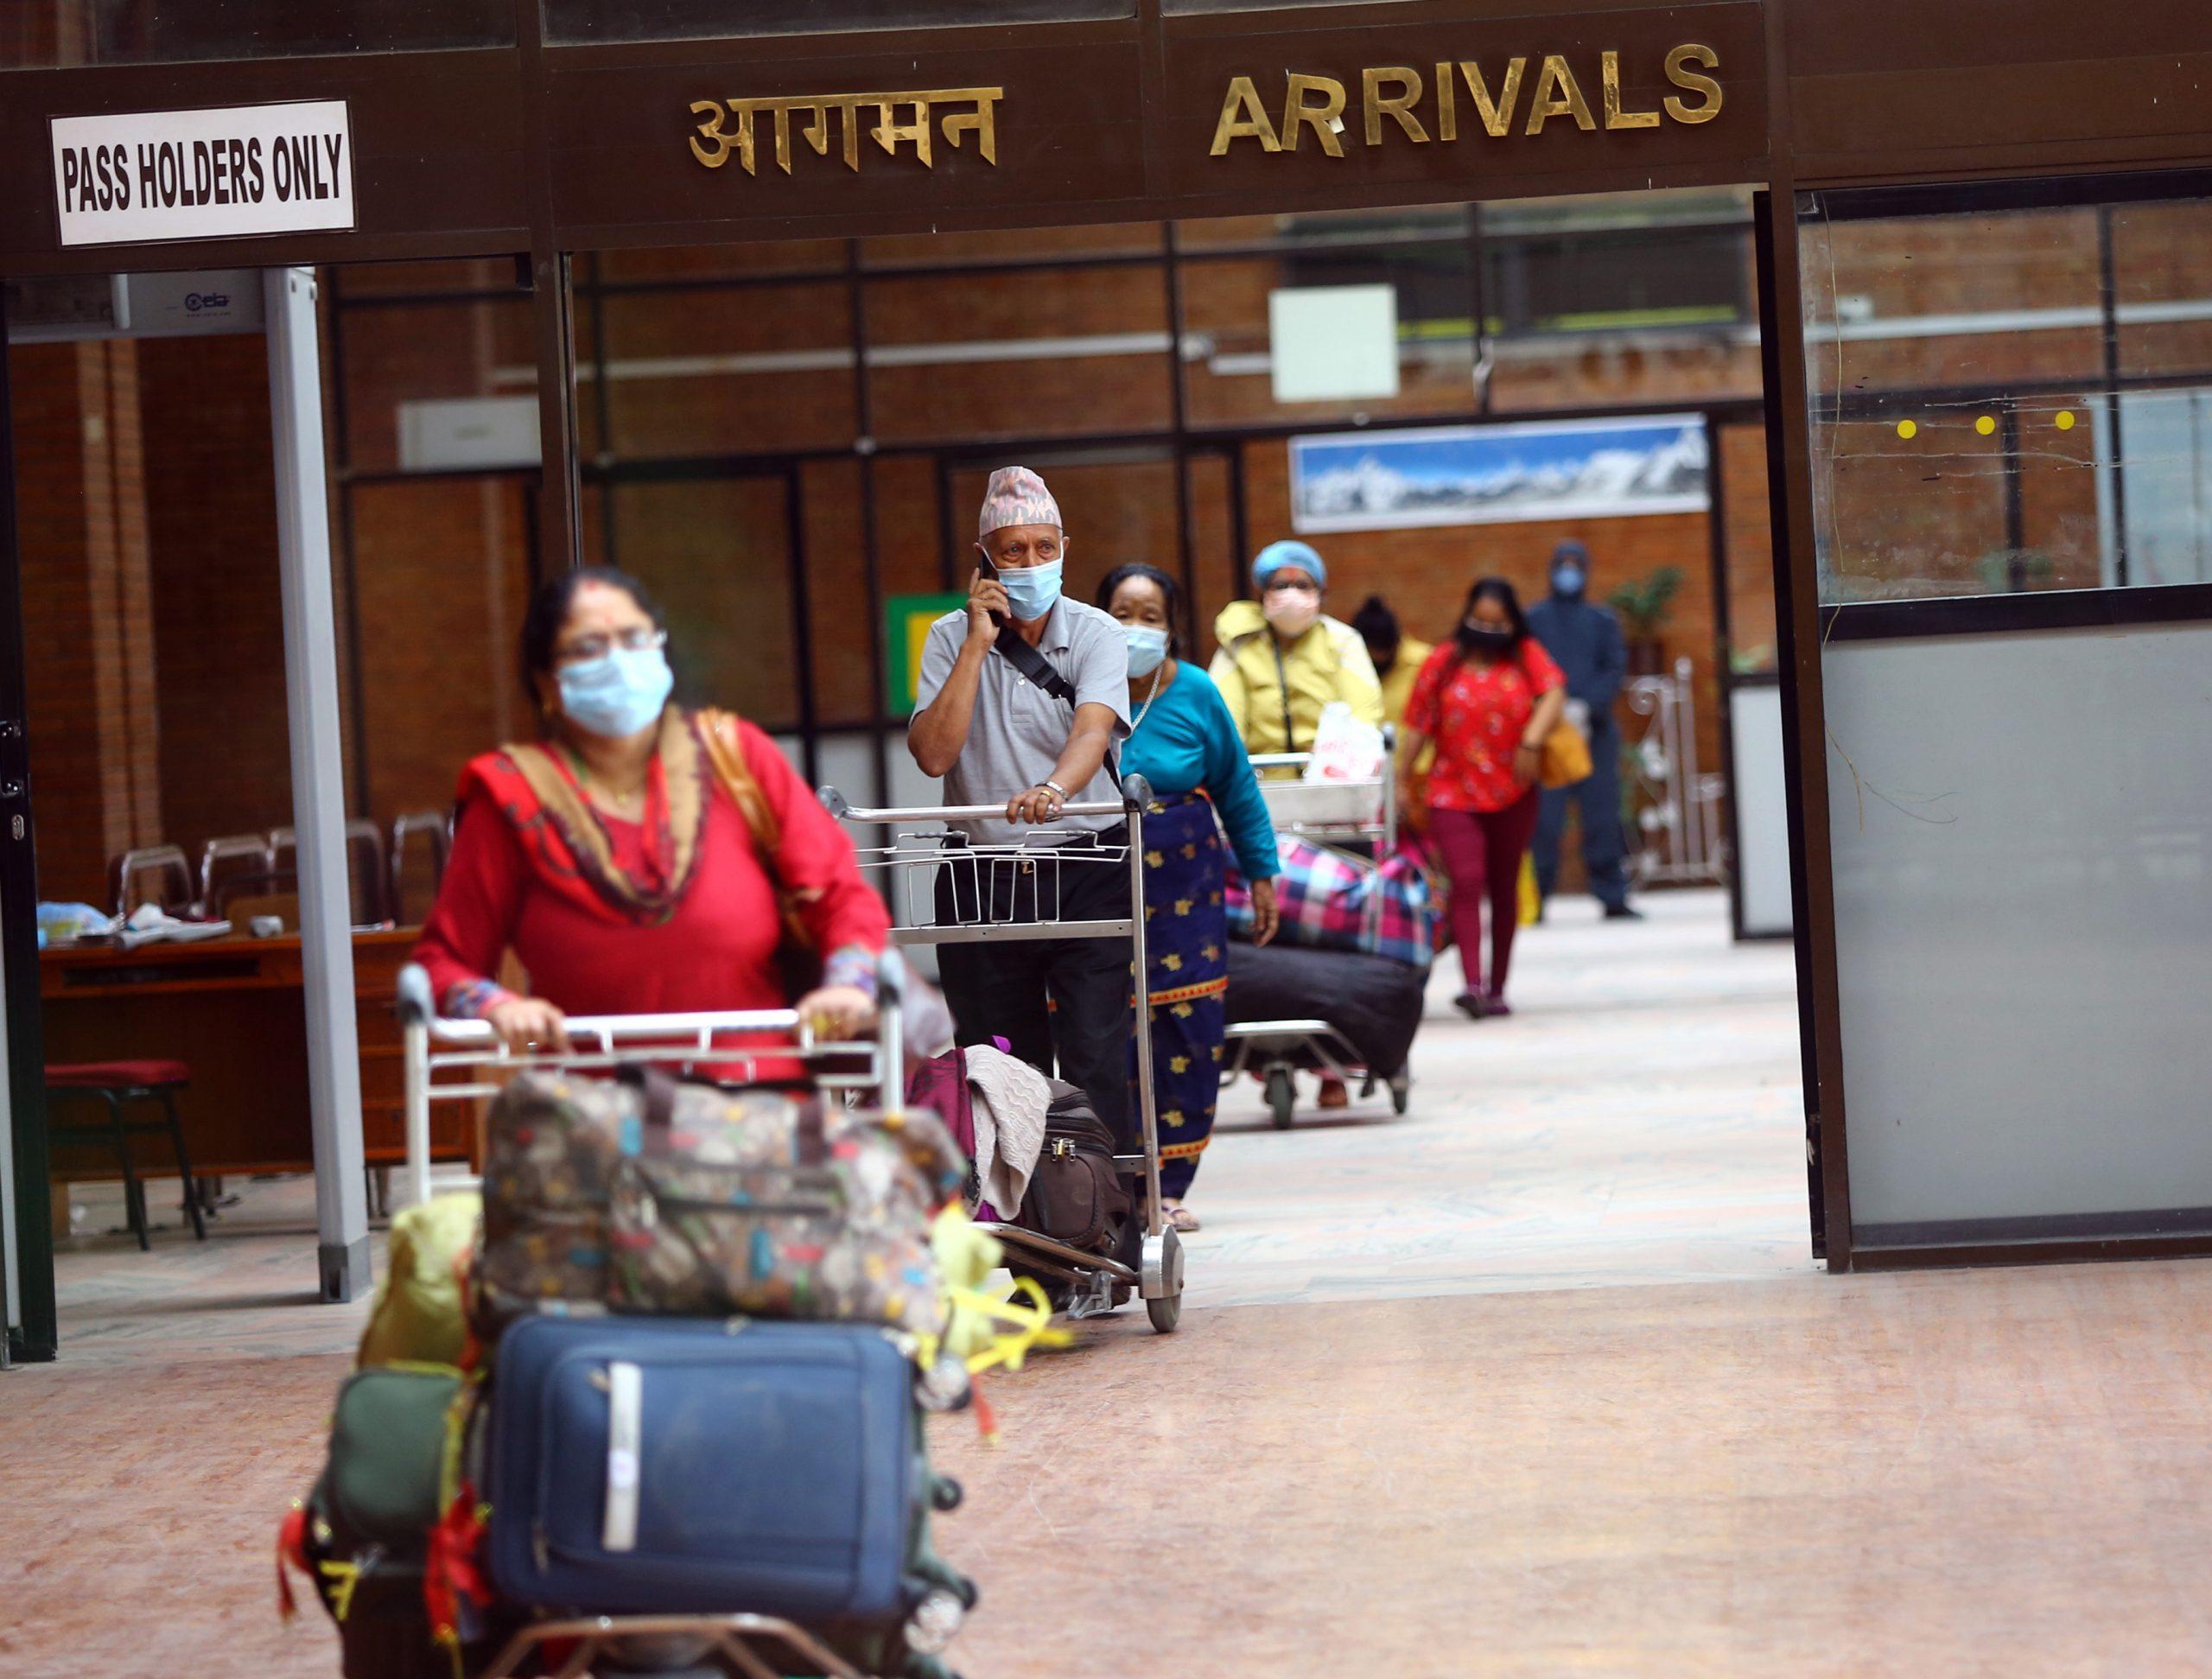 विदेशमा अलपत्र नेपालीको उद्धारका लागि आजबाट तेस्रो चरणको चार्टर्ड उडान शुरु, एक सातासम्म चल्ने